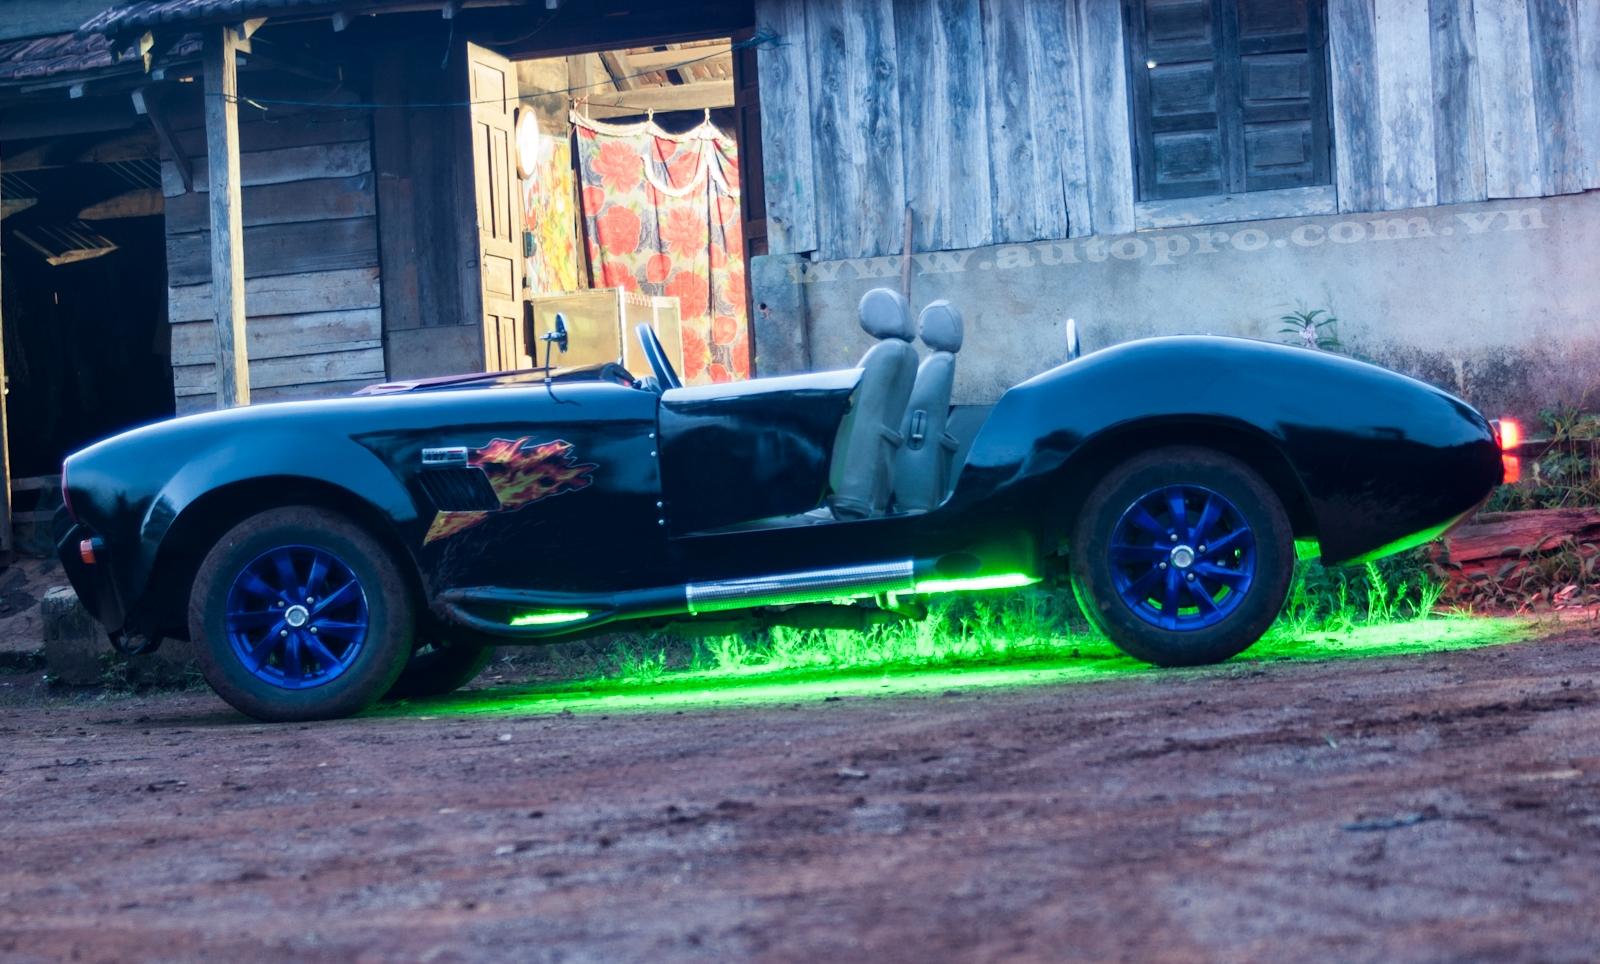 Shelby Cobra 427 trở nên lung linh hơn vào buổi tối nhờ đèn gầm có thể phát ra 5 màu sắc khác nhau.